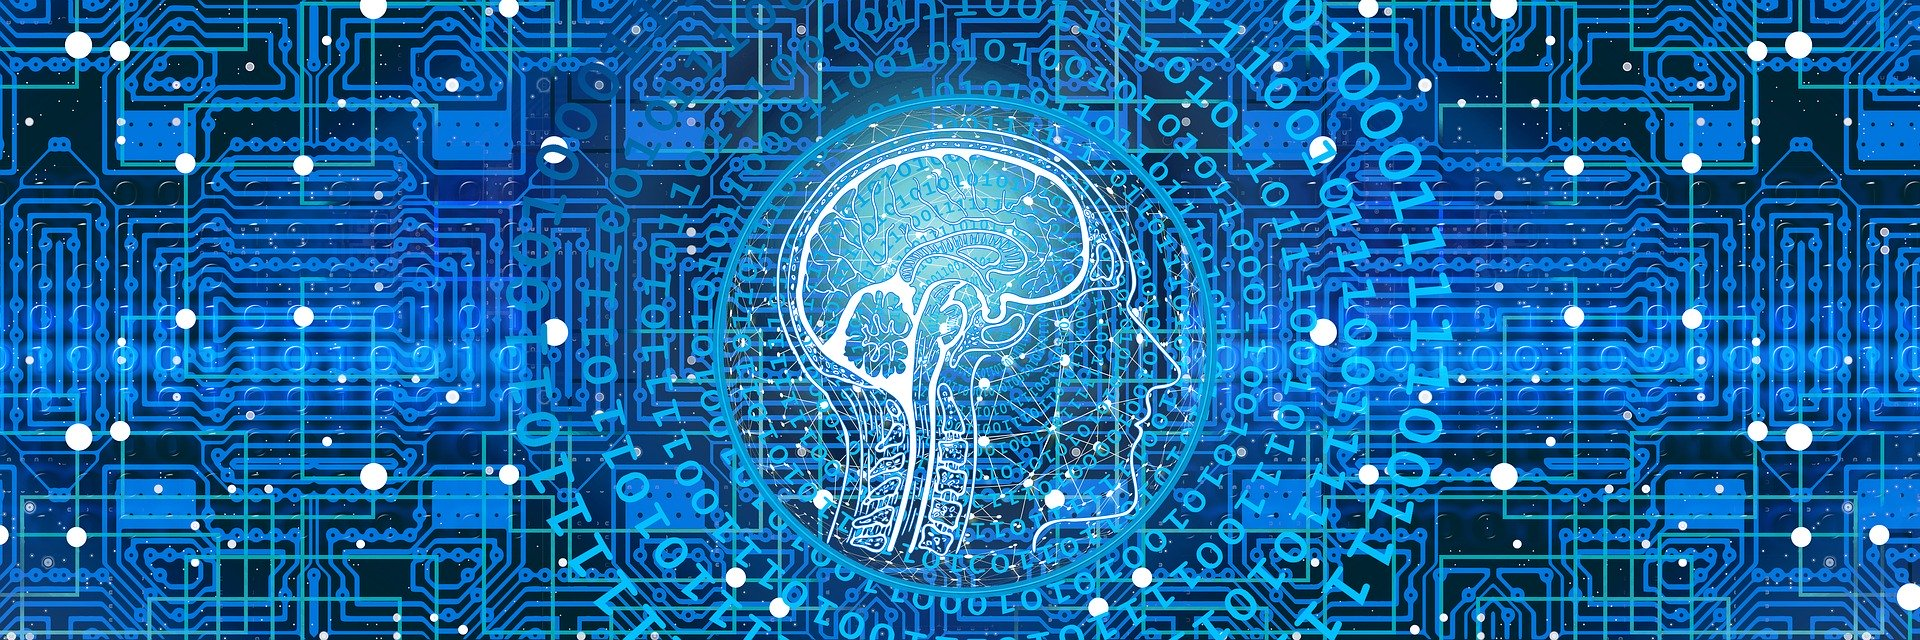 L'IA est un moyen de traiter un grand nombre de données rapidement.